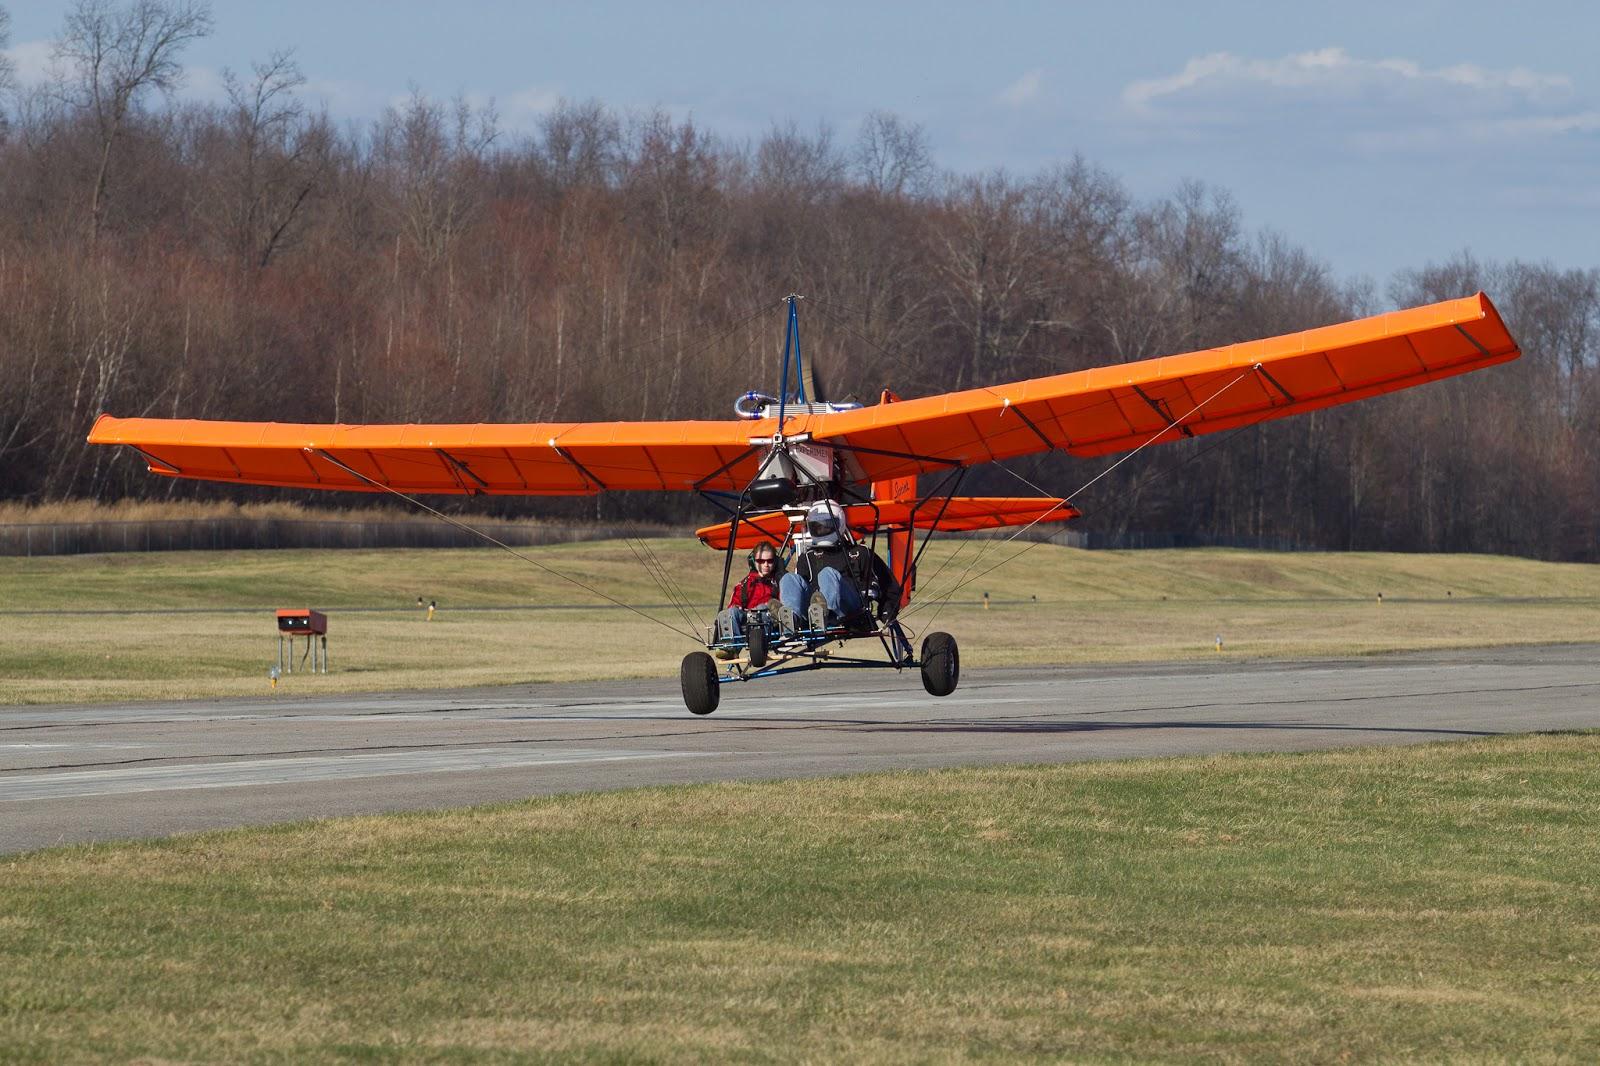 Ultralight aircraft at Randall Airport